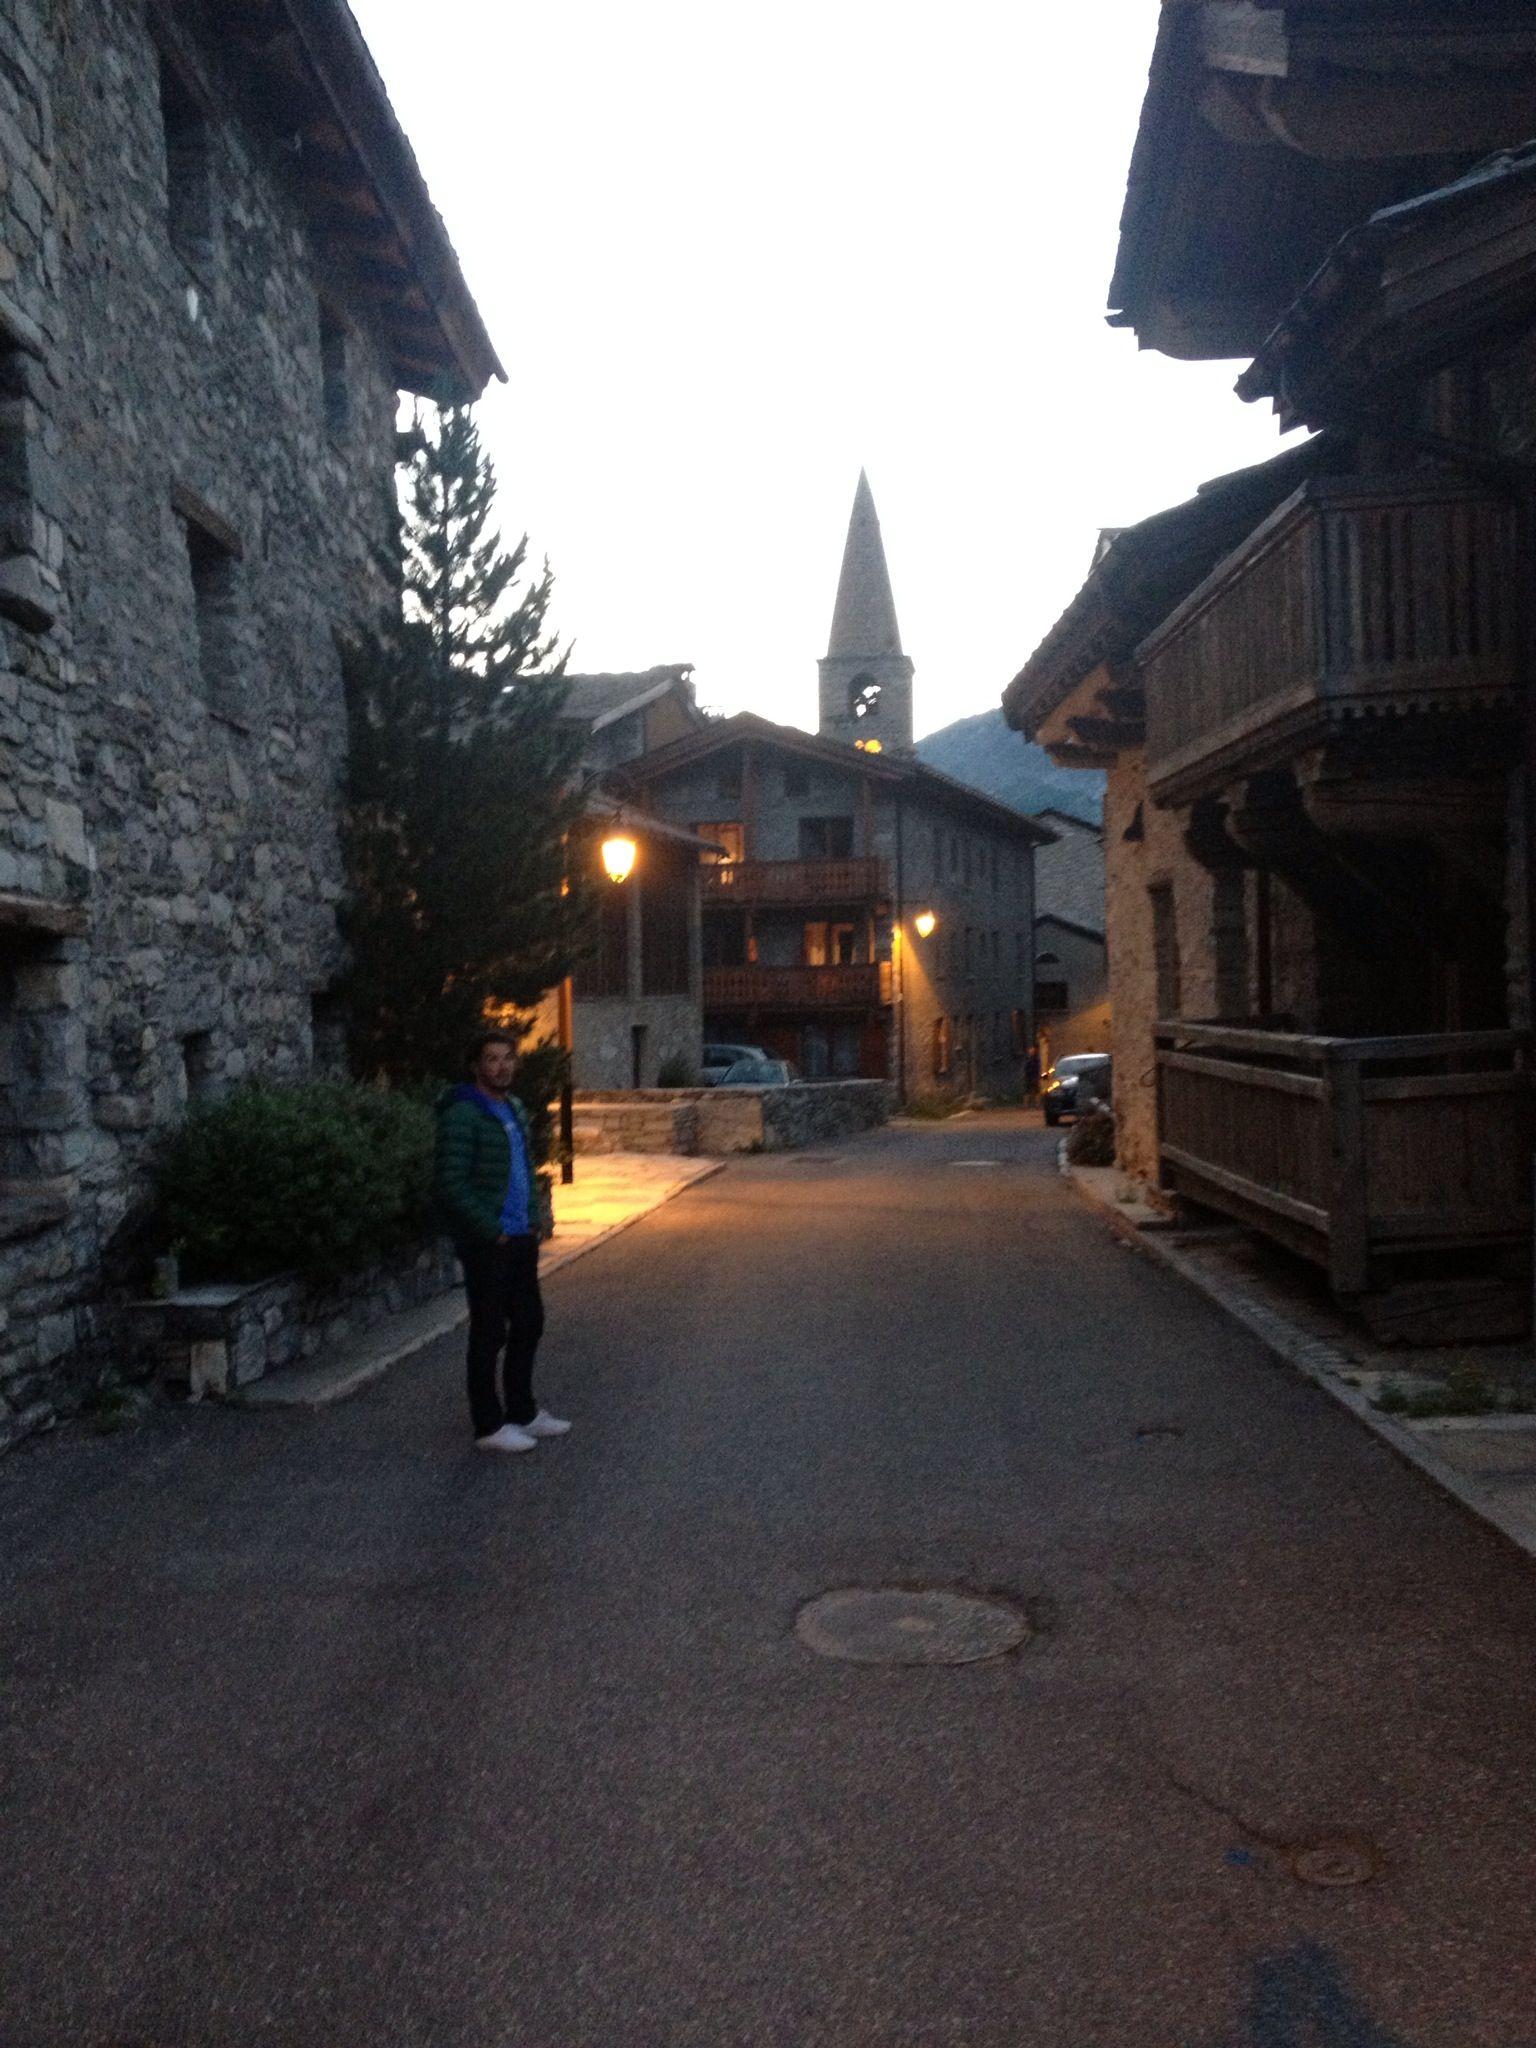 #Vald'Isère #Alpes #station #montagne #ski #France #nuit #lumière